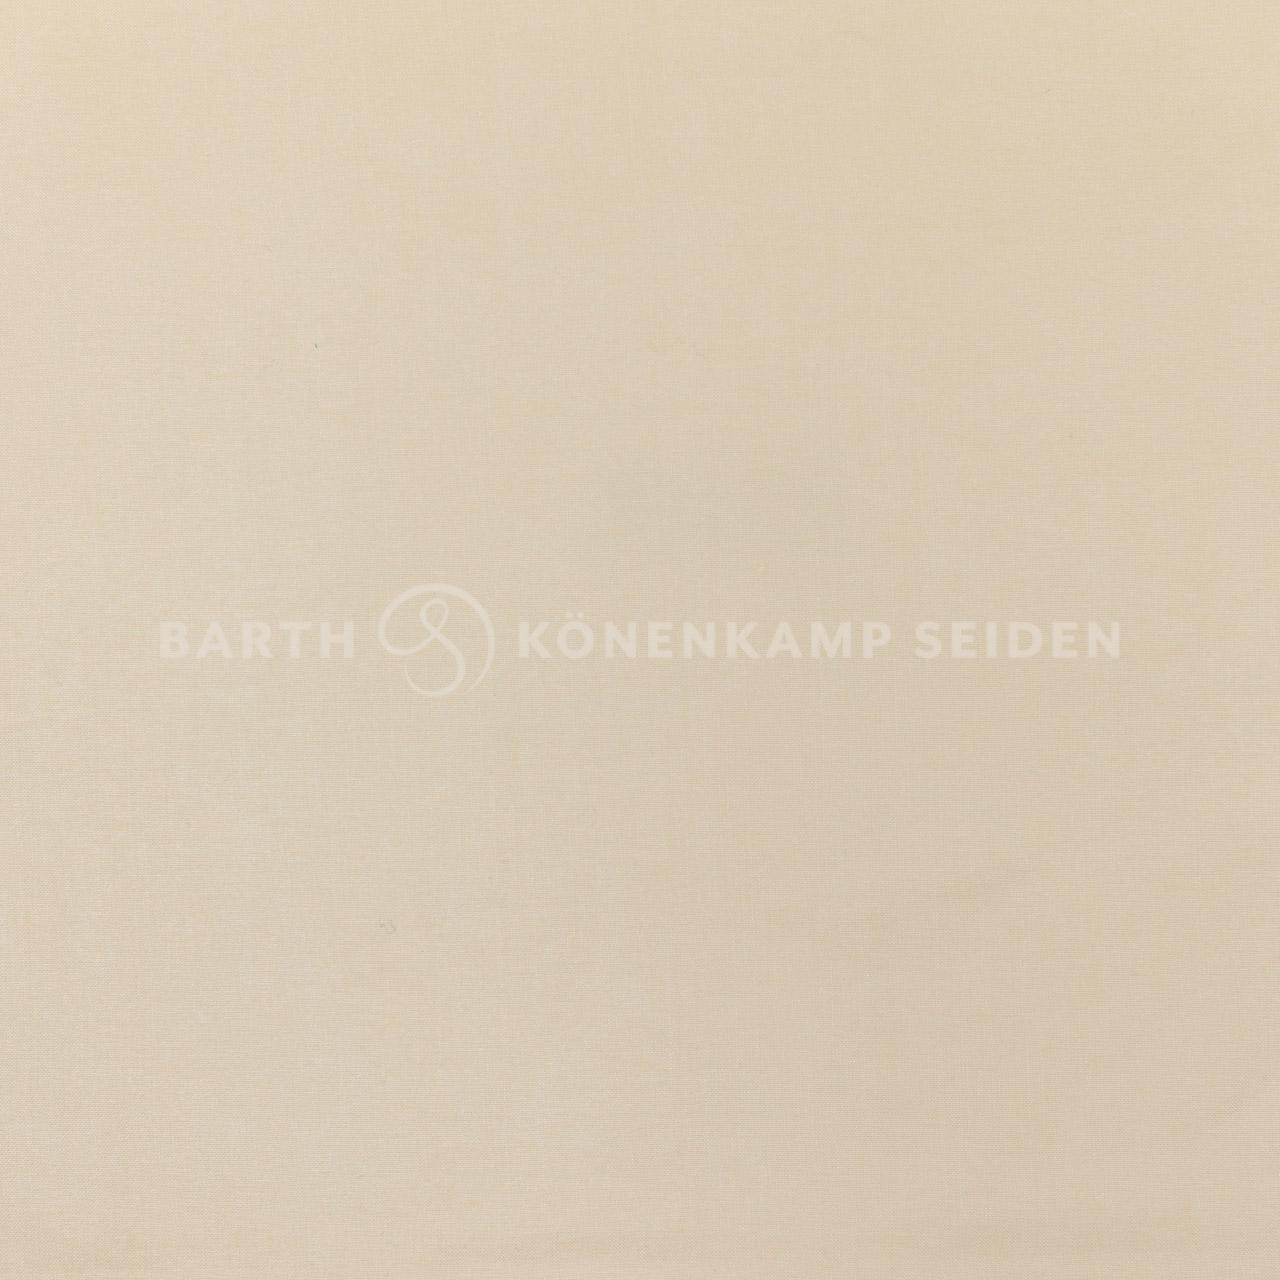 3500-529 / Tussah Modal  gefärbt